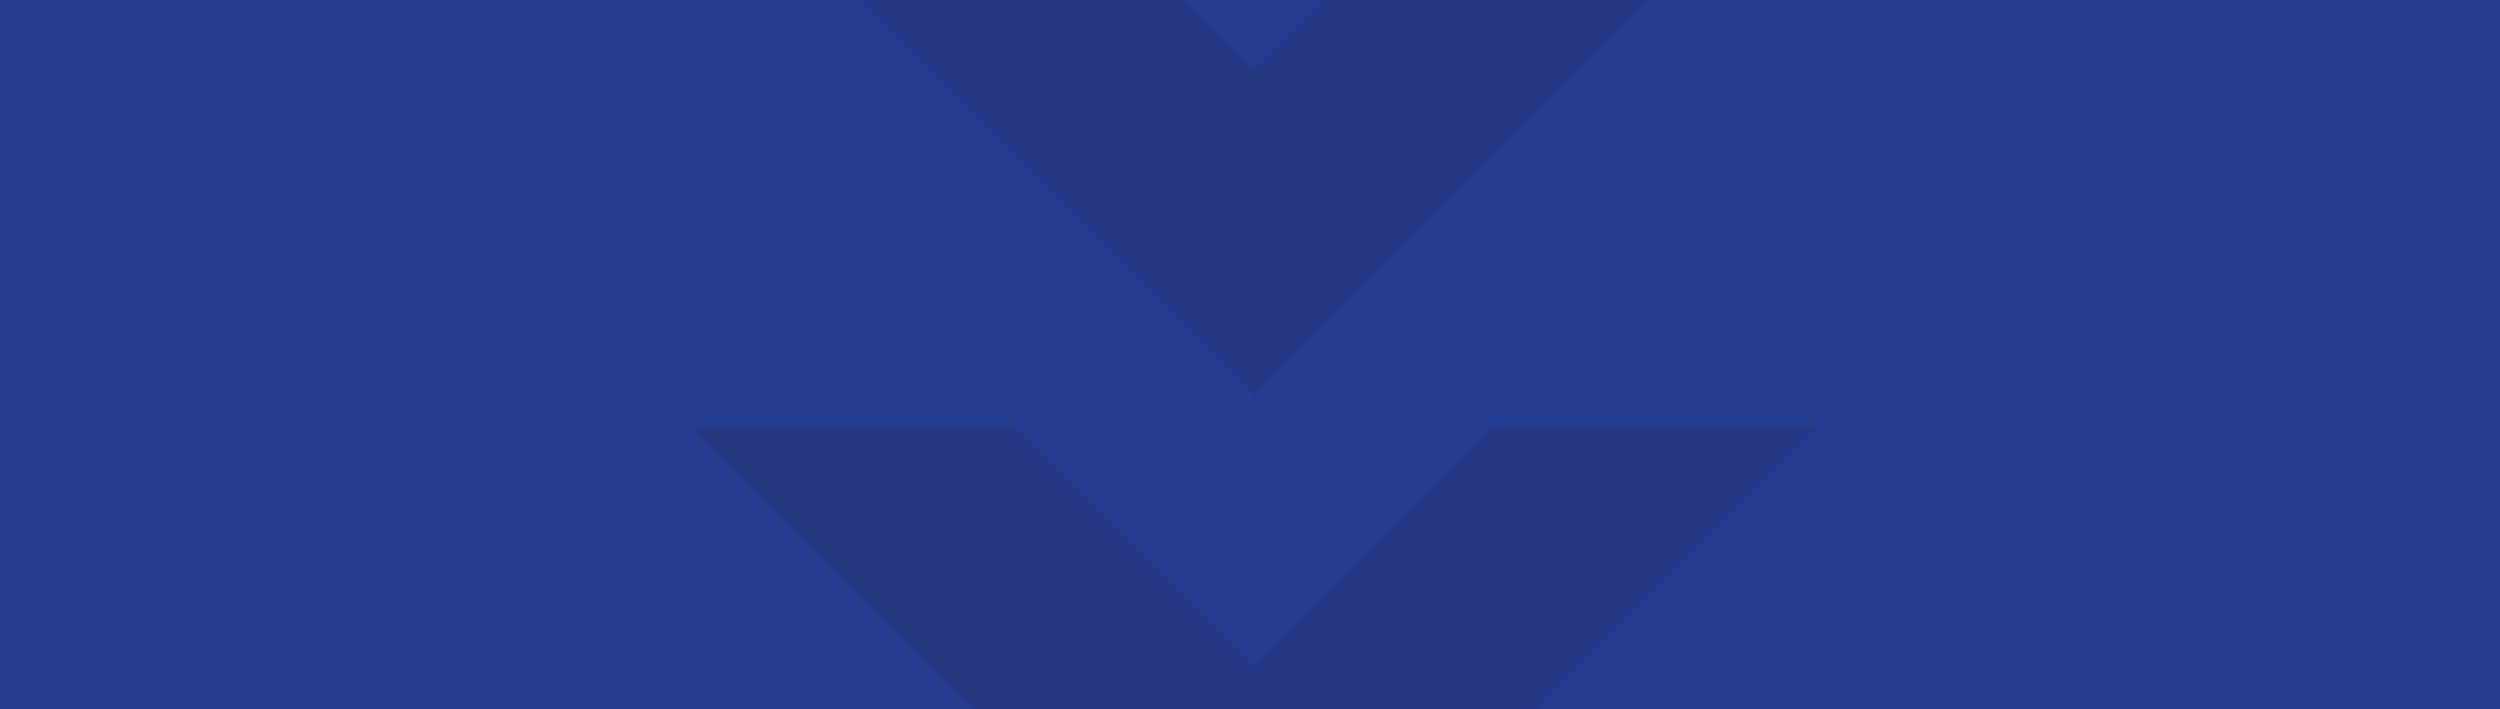 Brookline-Community-Foundation-cobalt.png